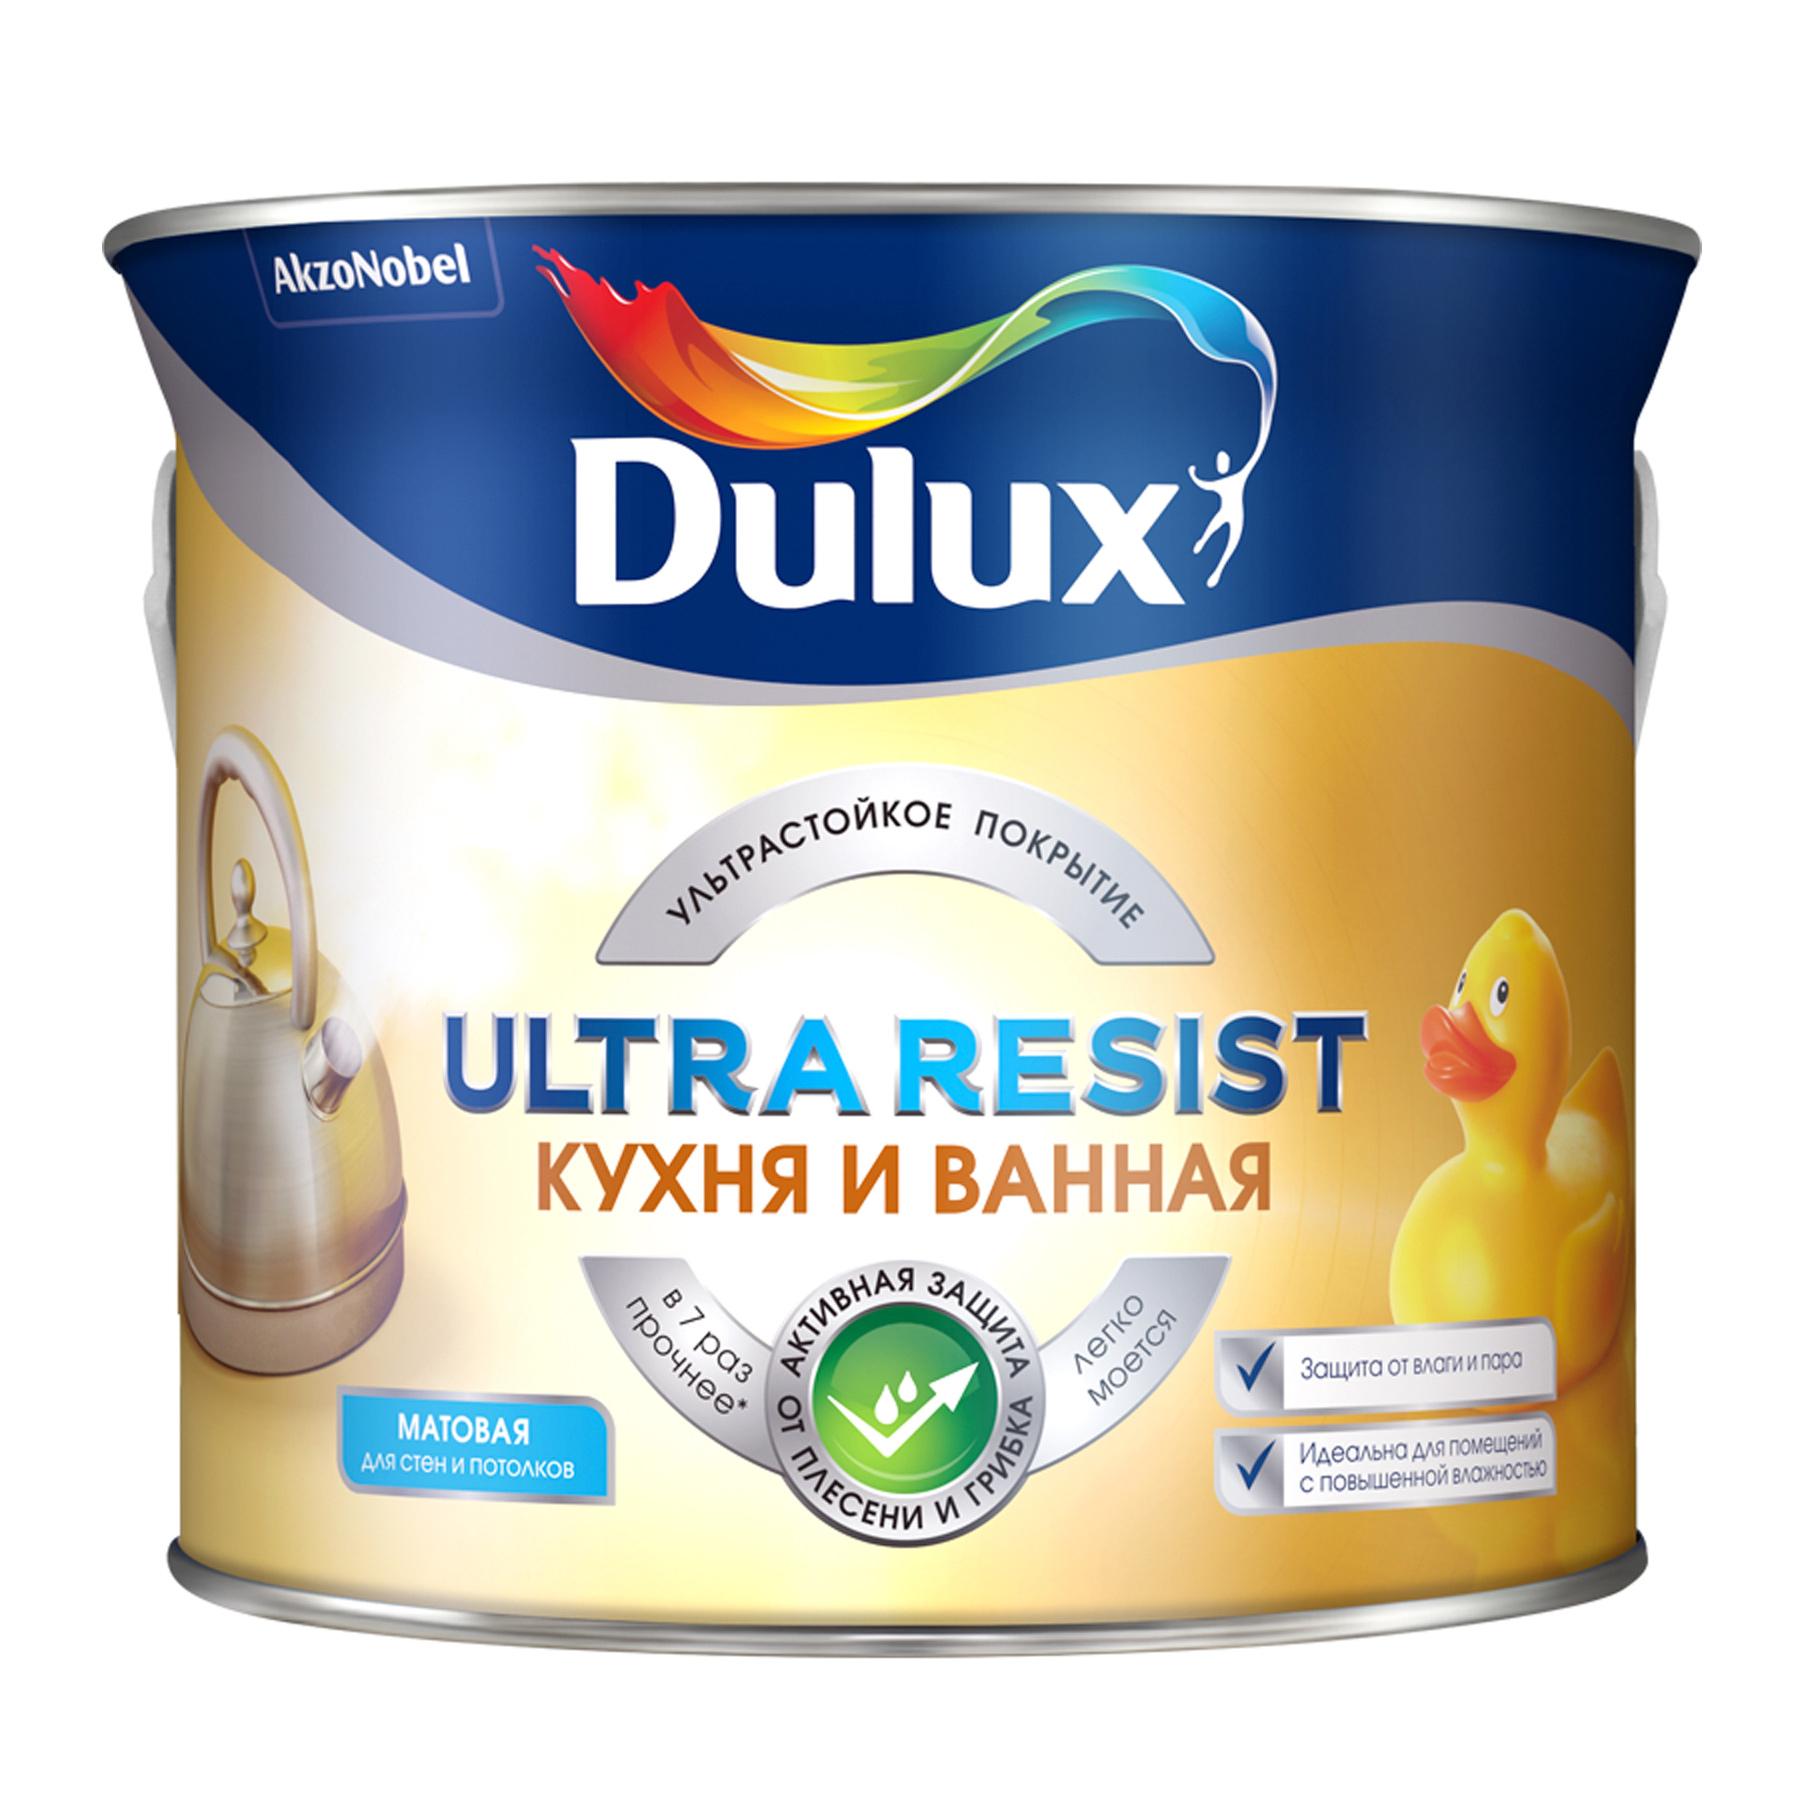 КраскаDulux Ultra Resist для Кухни и ванной матовая база BC (2,25л) краска dulux ultra resist гостиные и офисы матовая bc